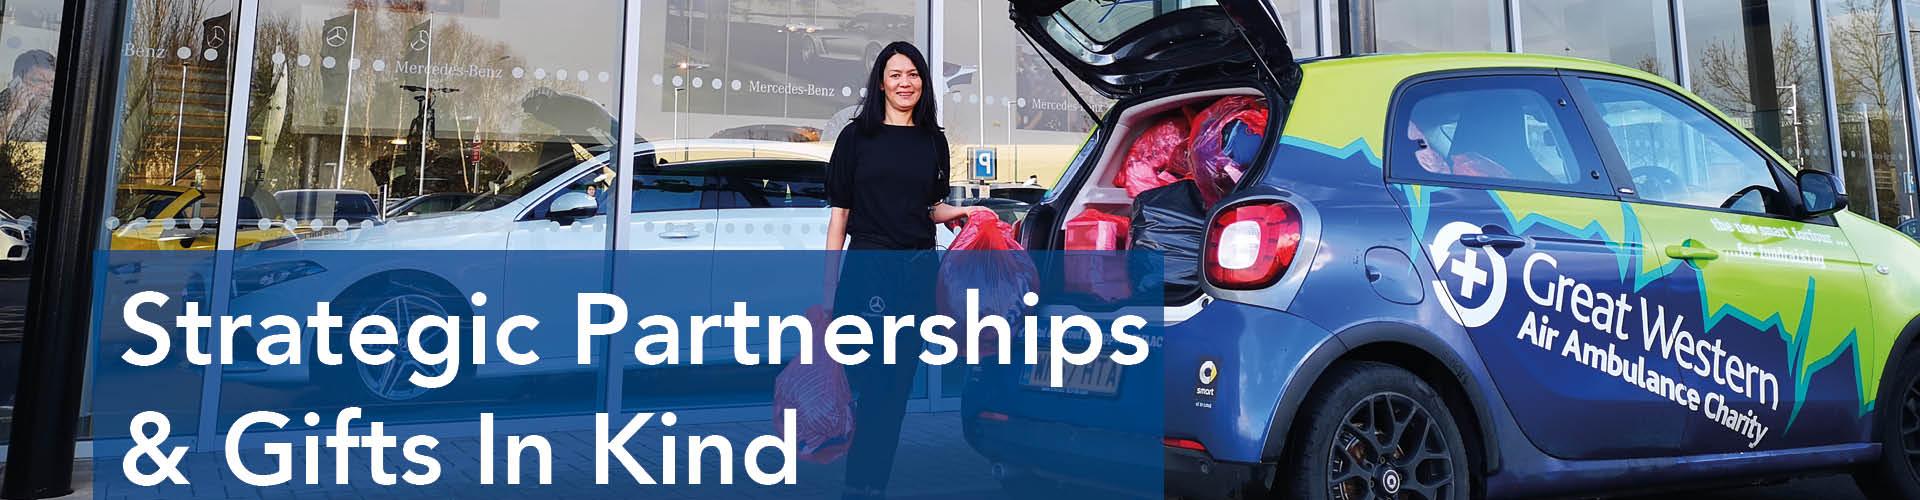 Strategic Partnerships & Gifts In Kind website banner